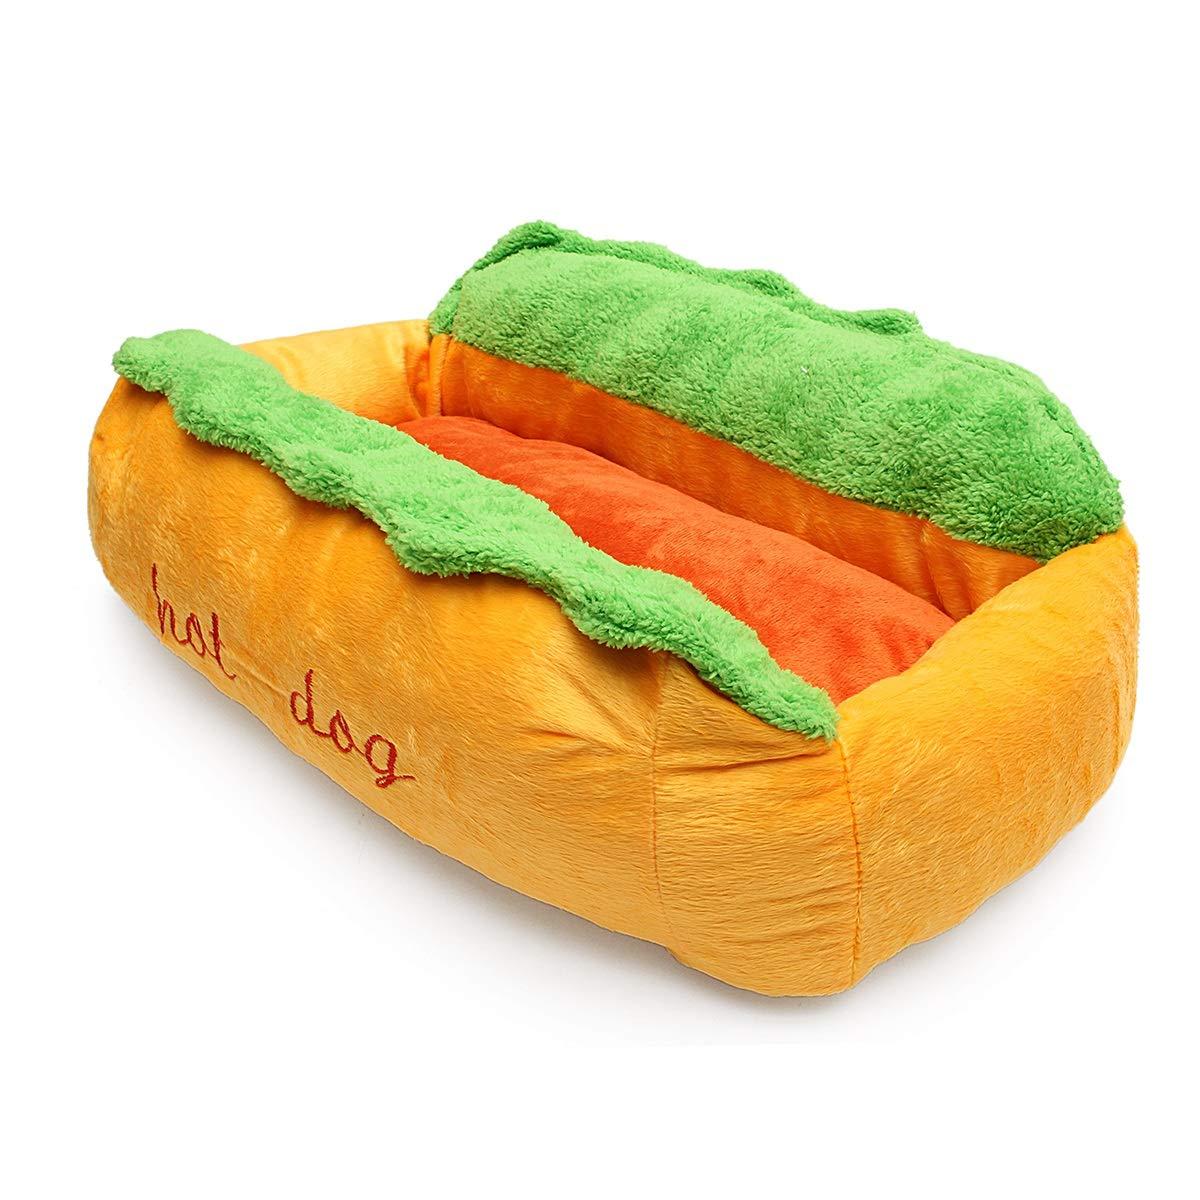 Taihang Taihang Taihang Cuccia Lavabile in Cotone Cuccia per Cani Cuccia per Gatti Cuccia per Animali Domestici 505aa4